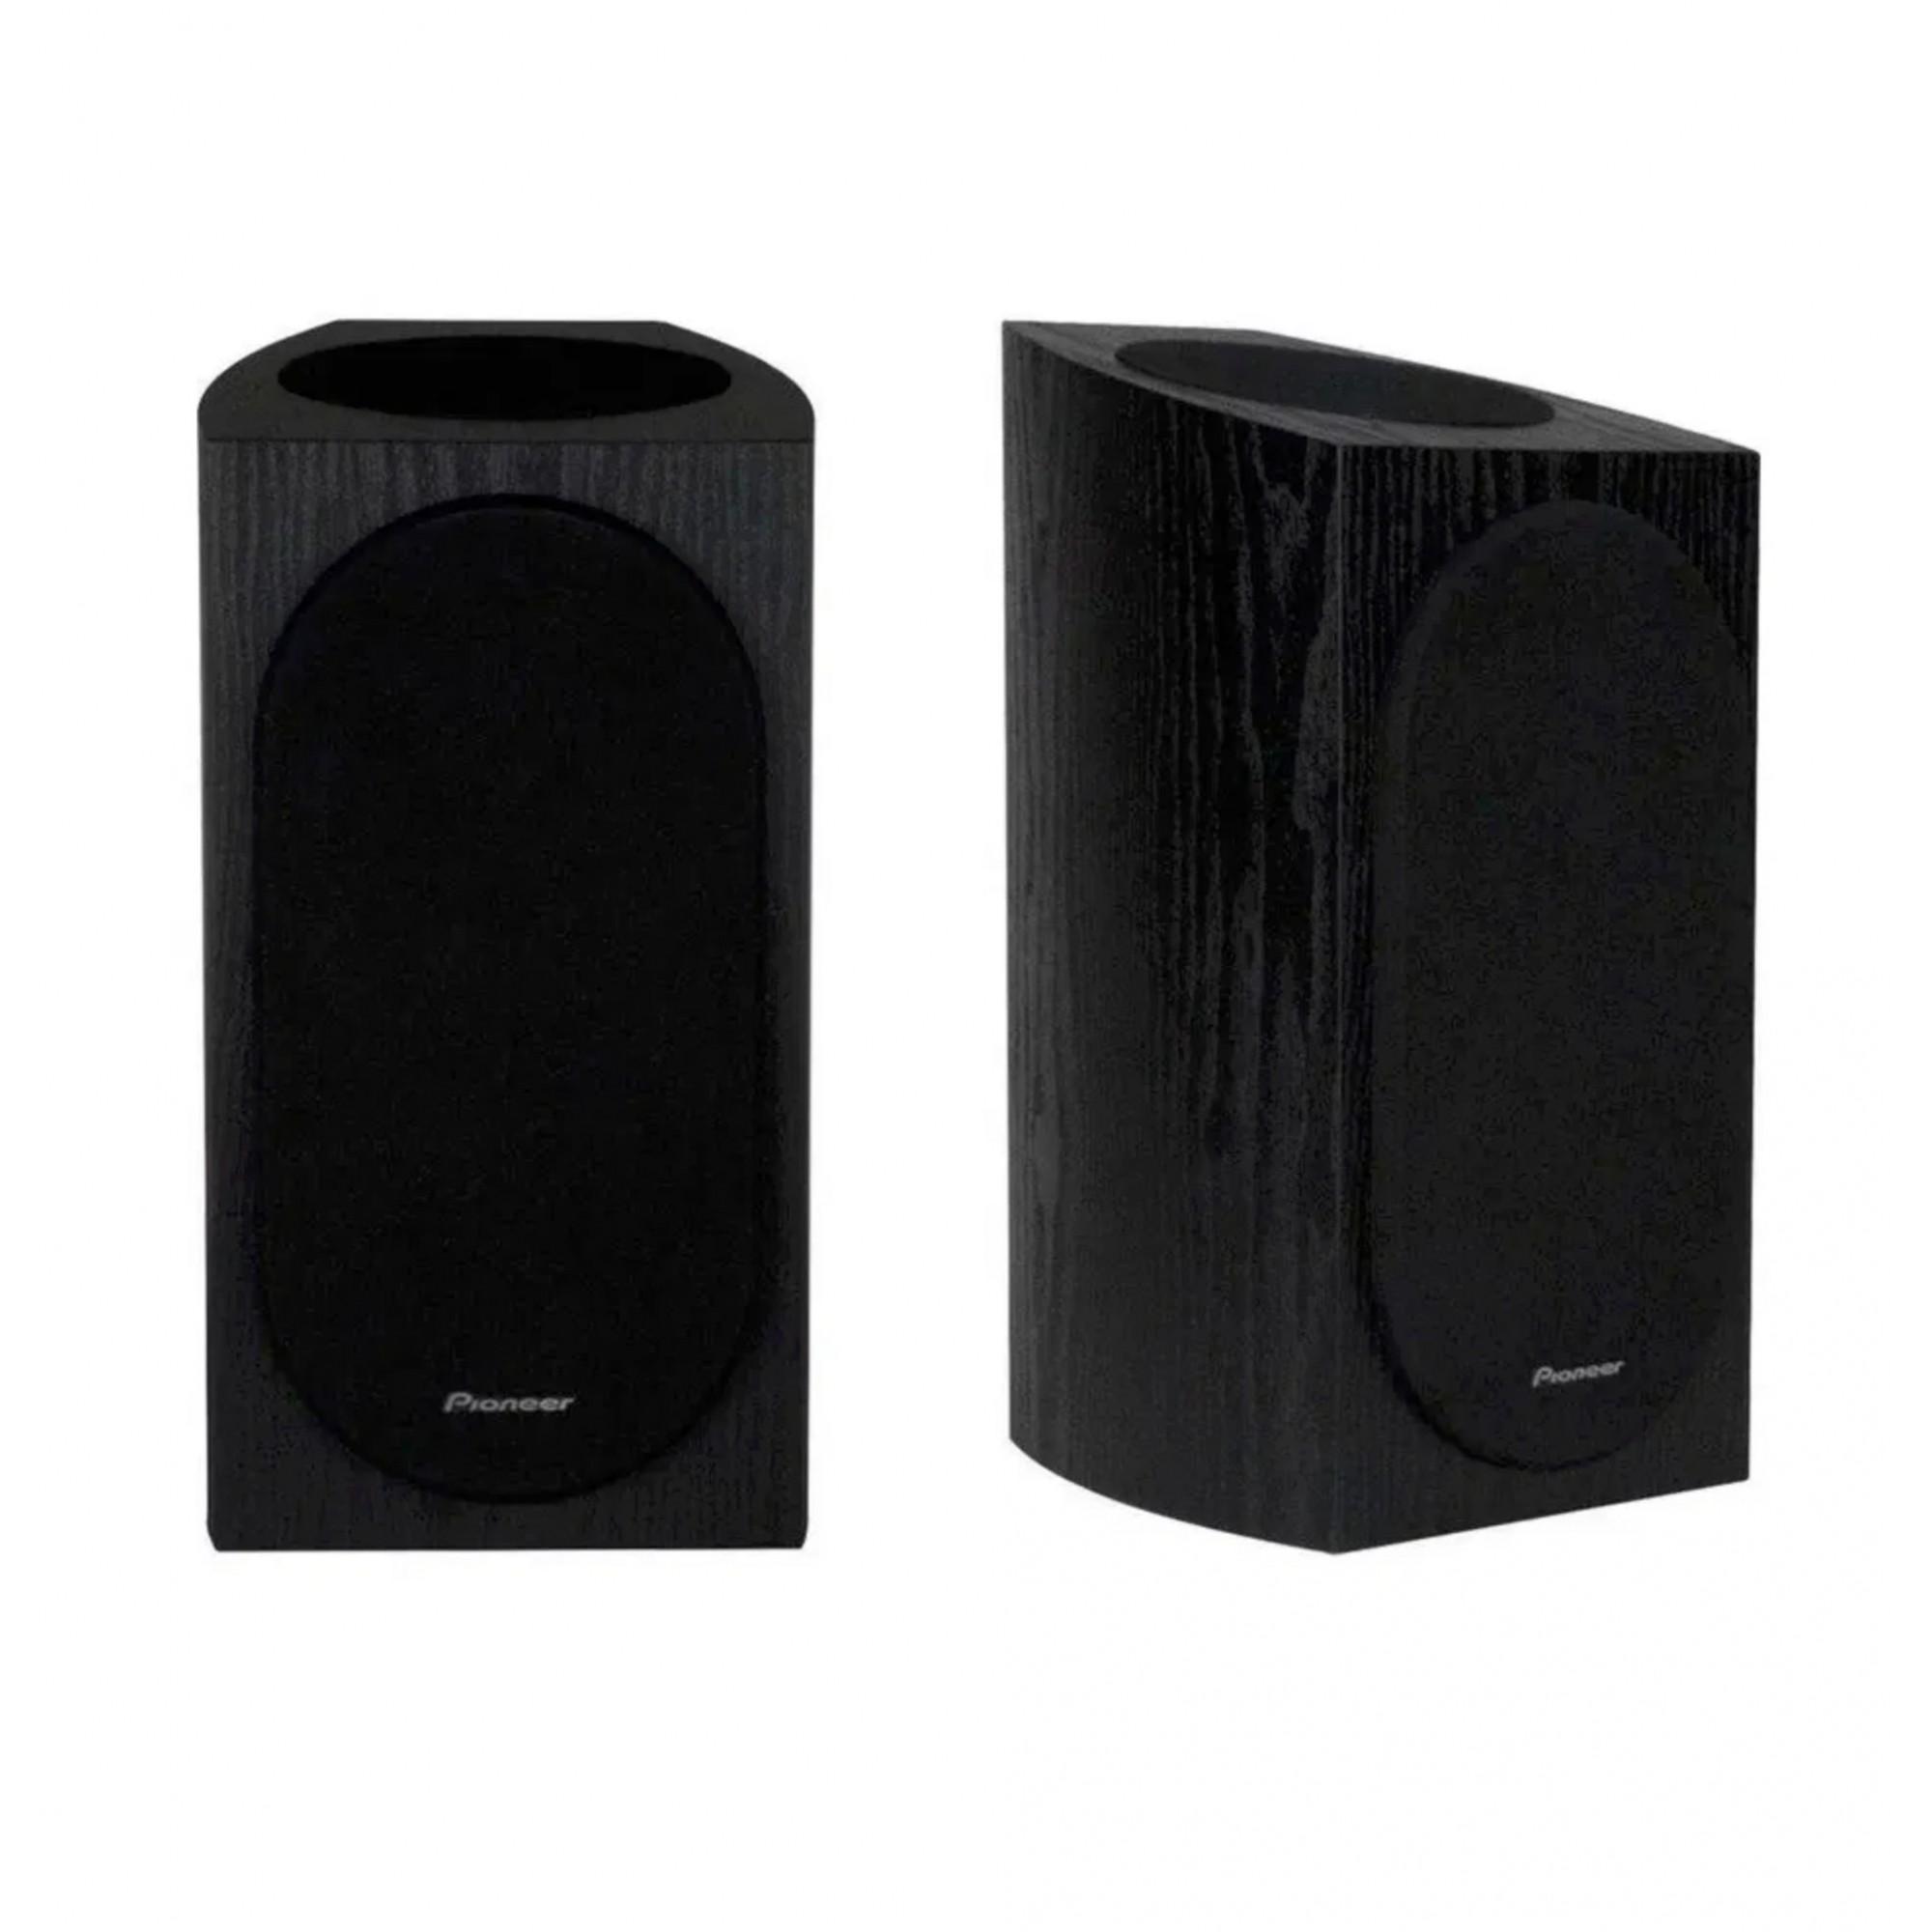 Pioneer SP-BS22A-LR Caixas Acústicas Home Thetaer Dolby Atmos Par 80w